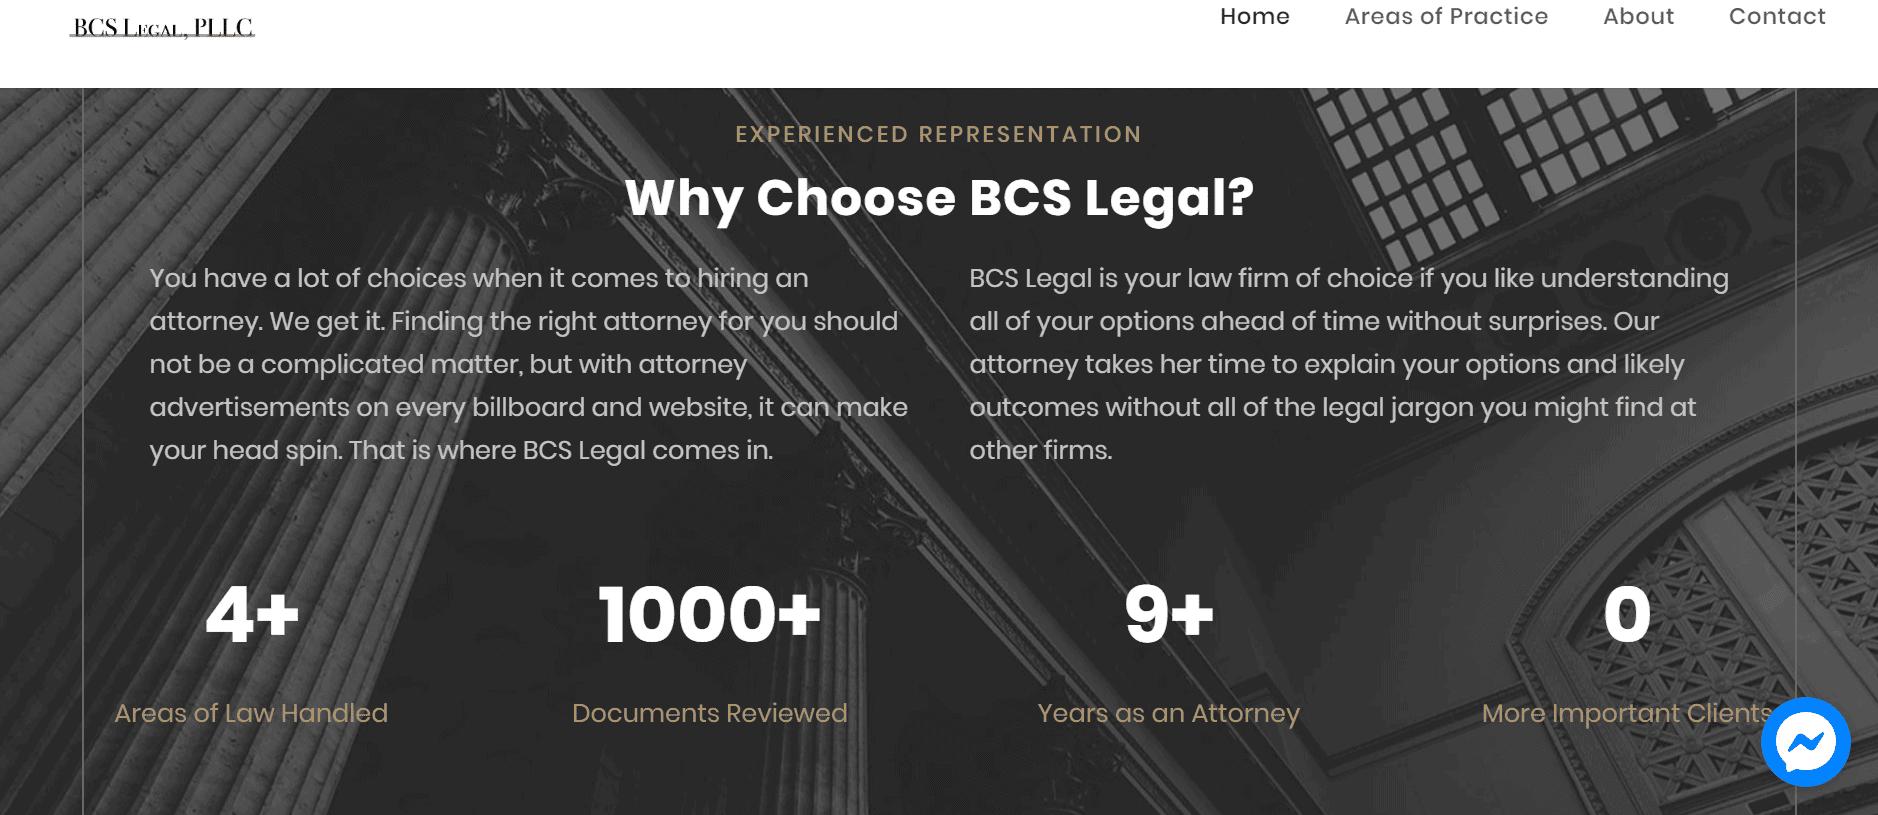 BCS Legal